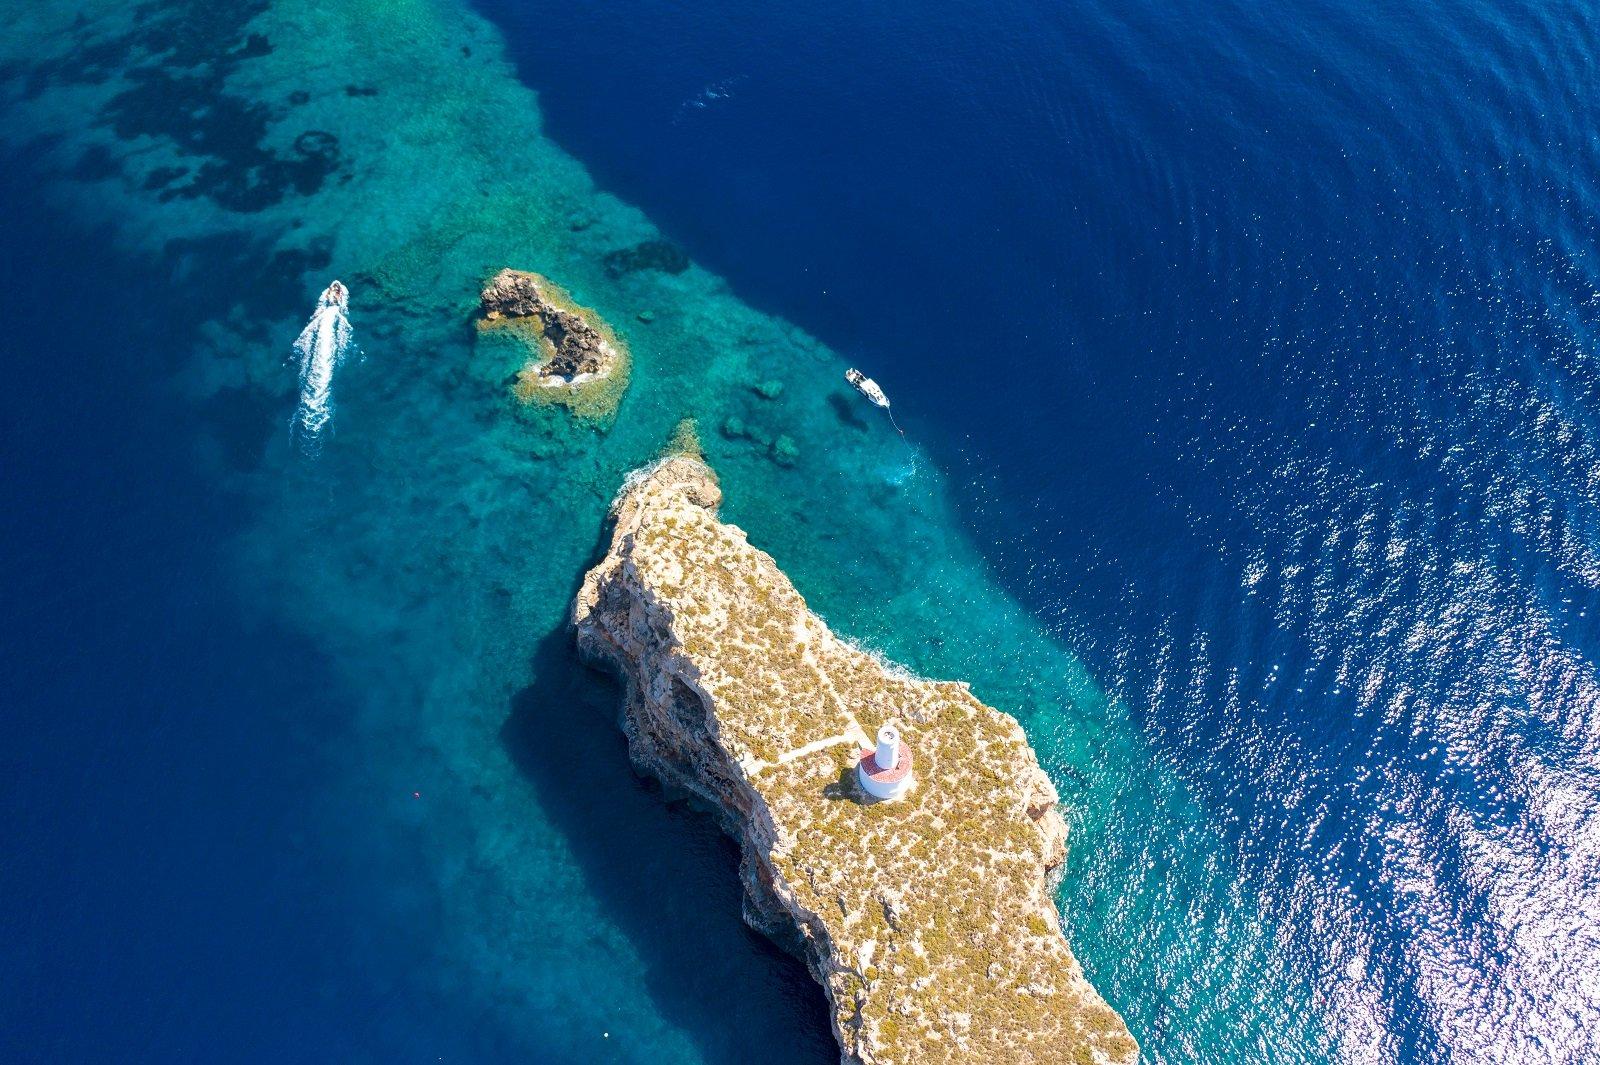 buceo en reserva marina de el toro, mallorca